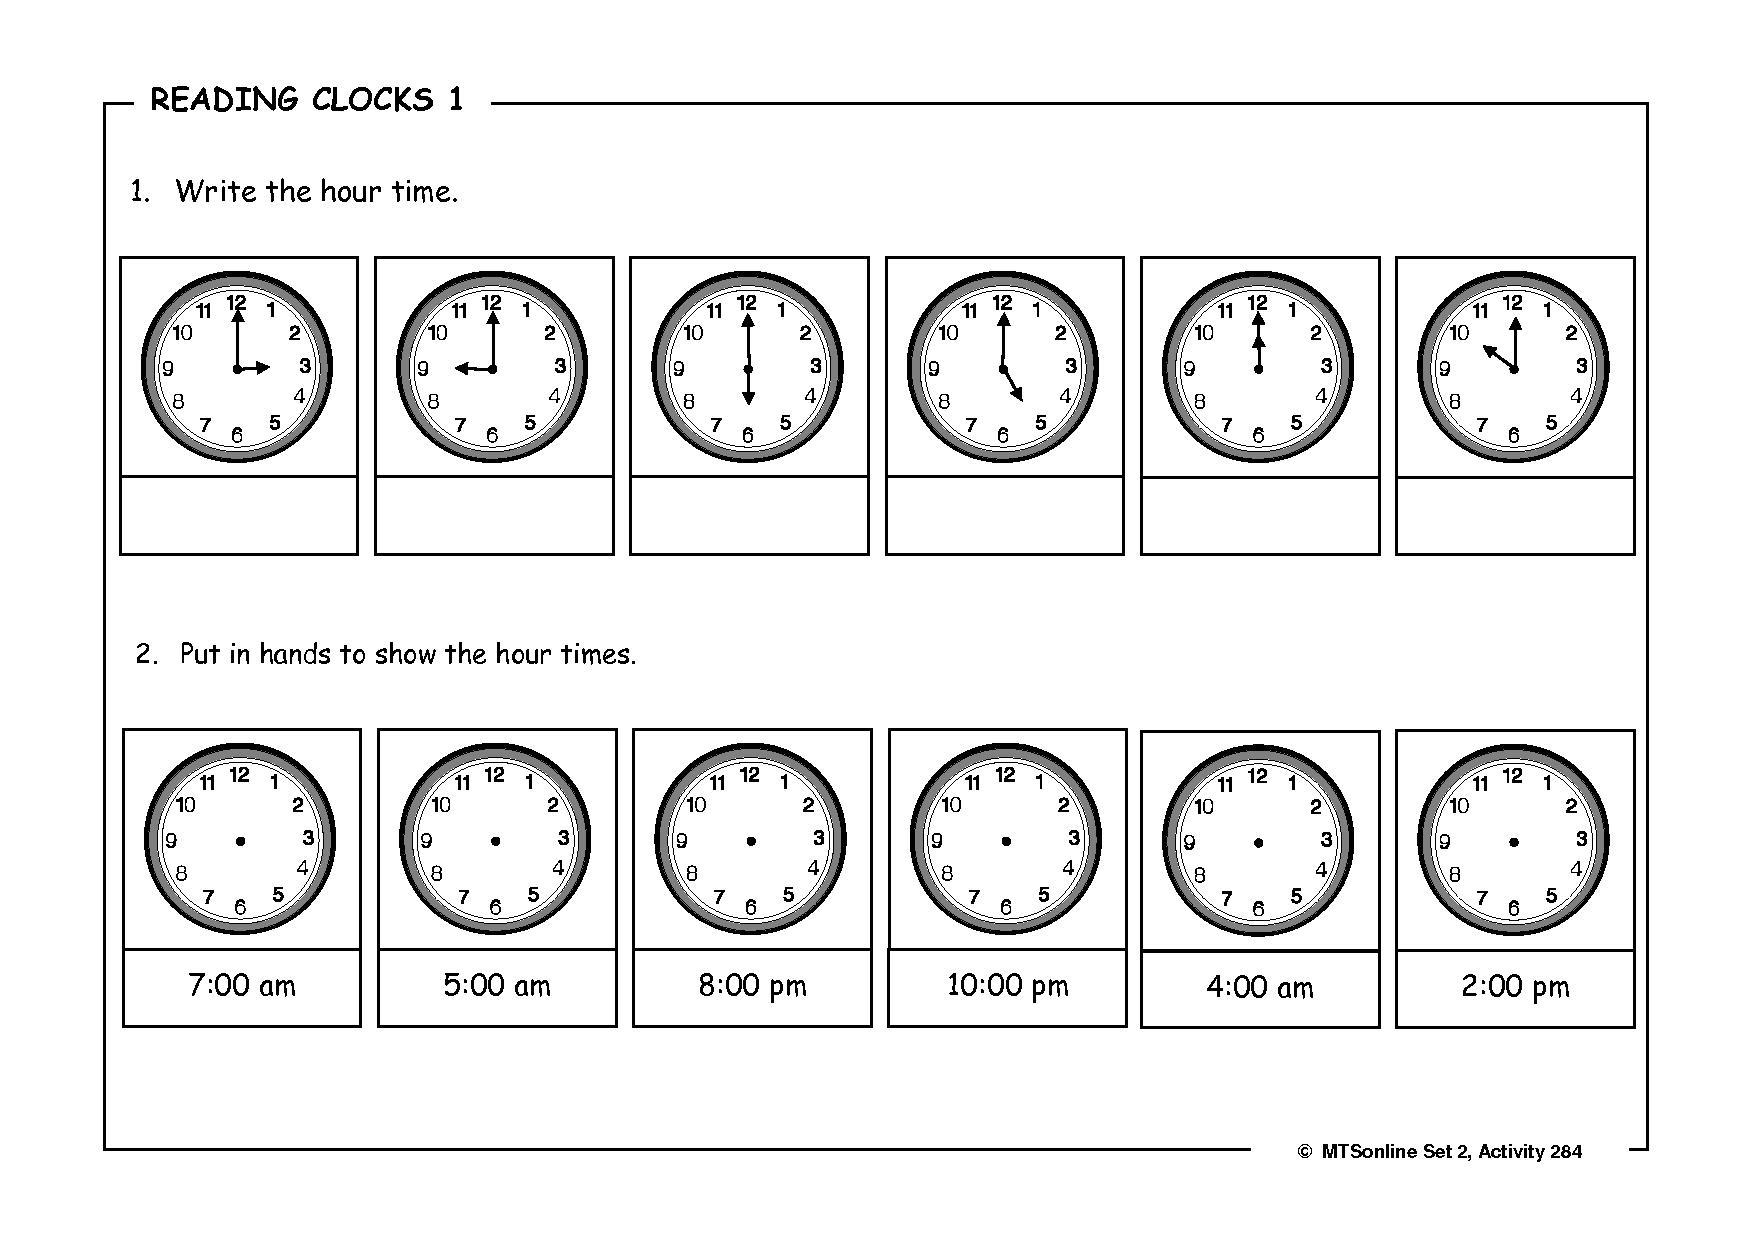 284reading_clocks_10001